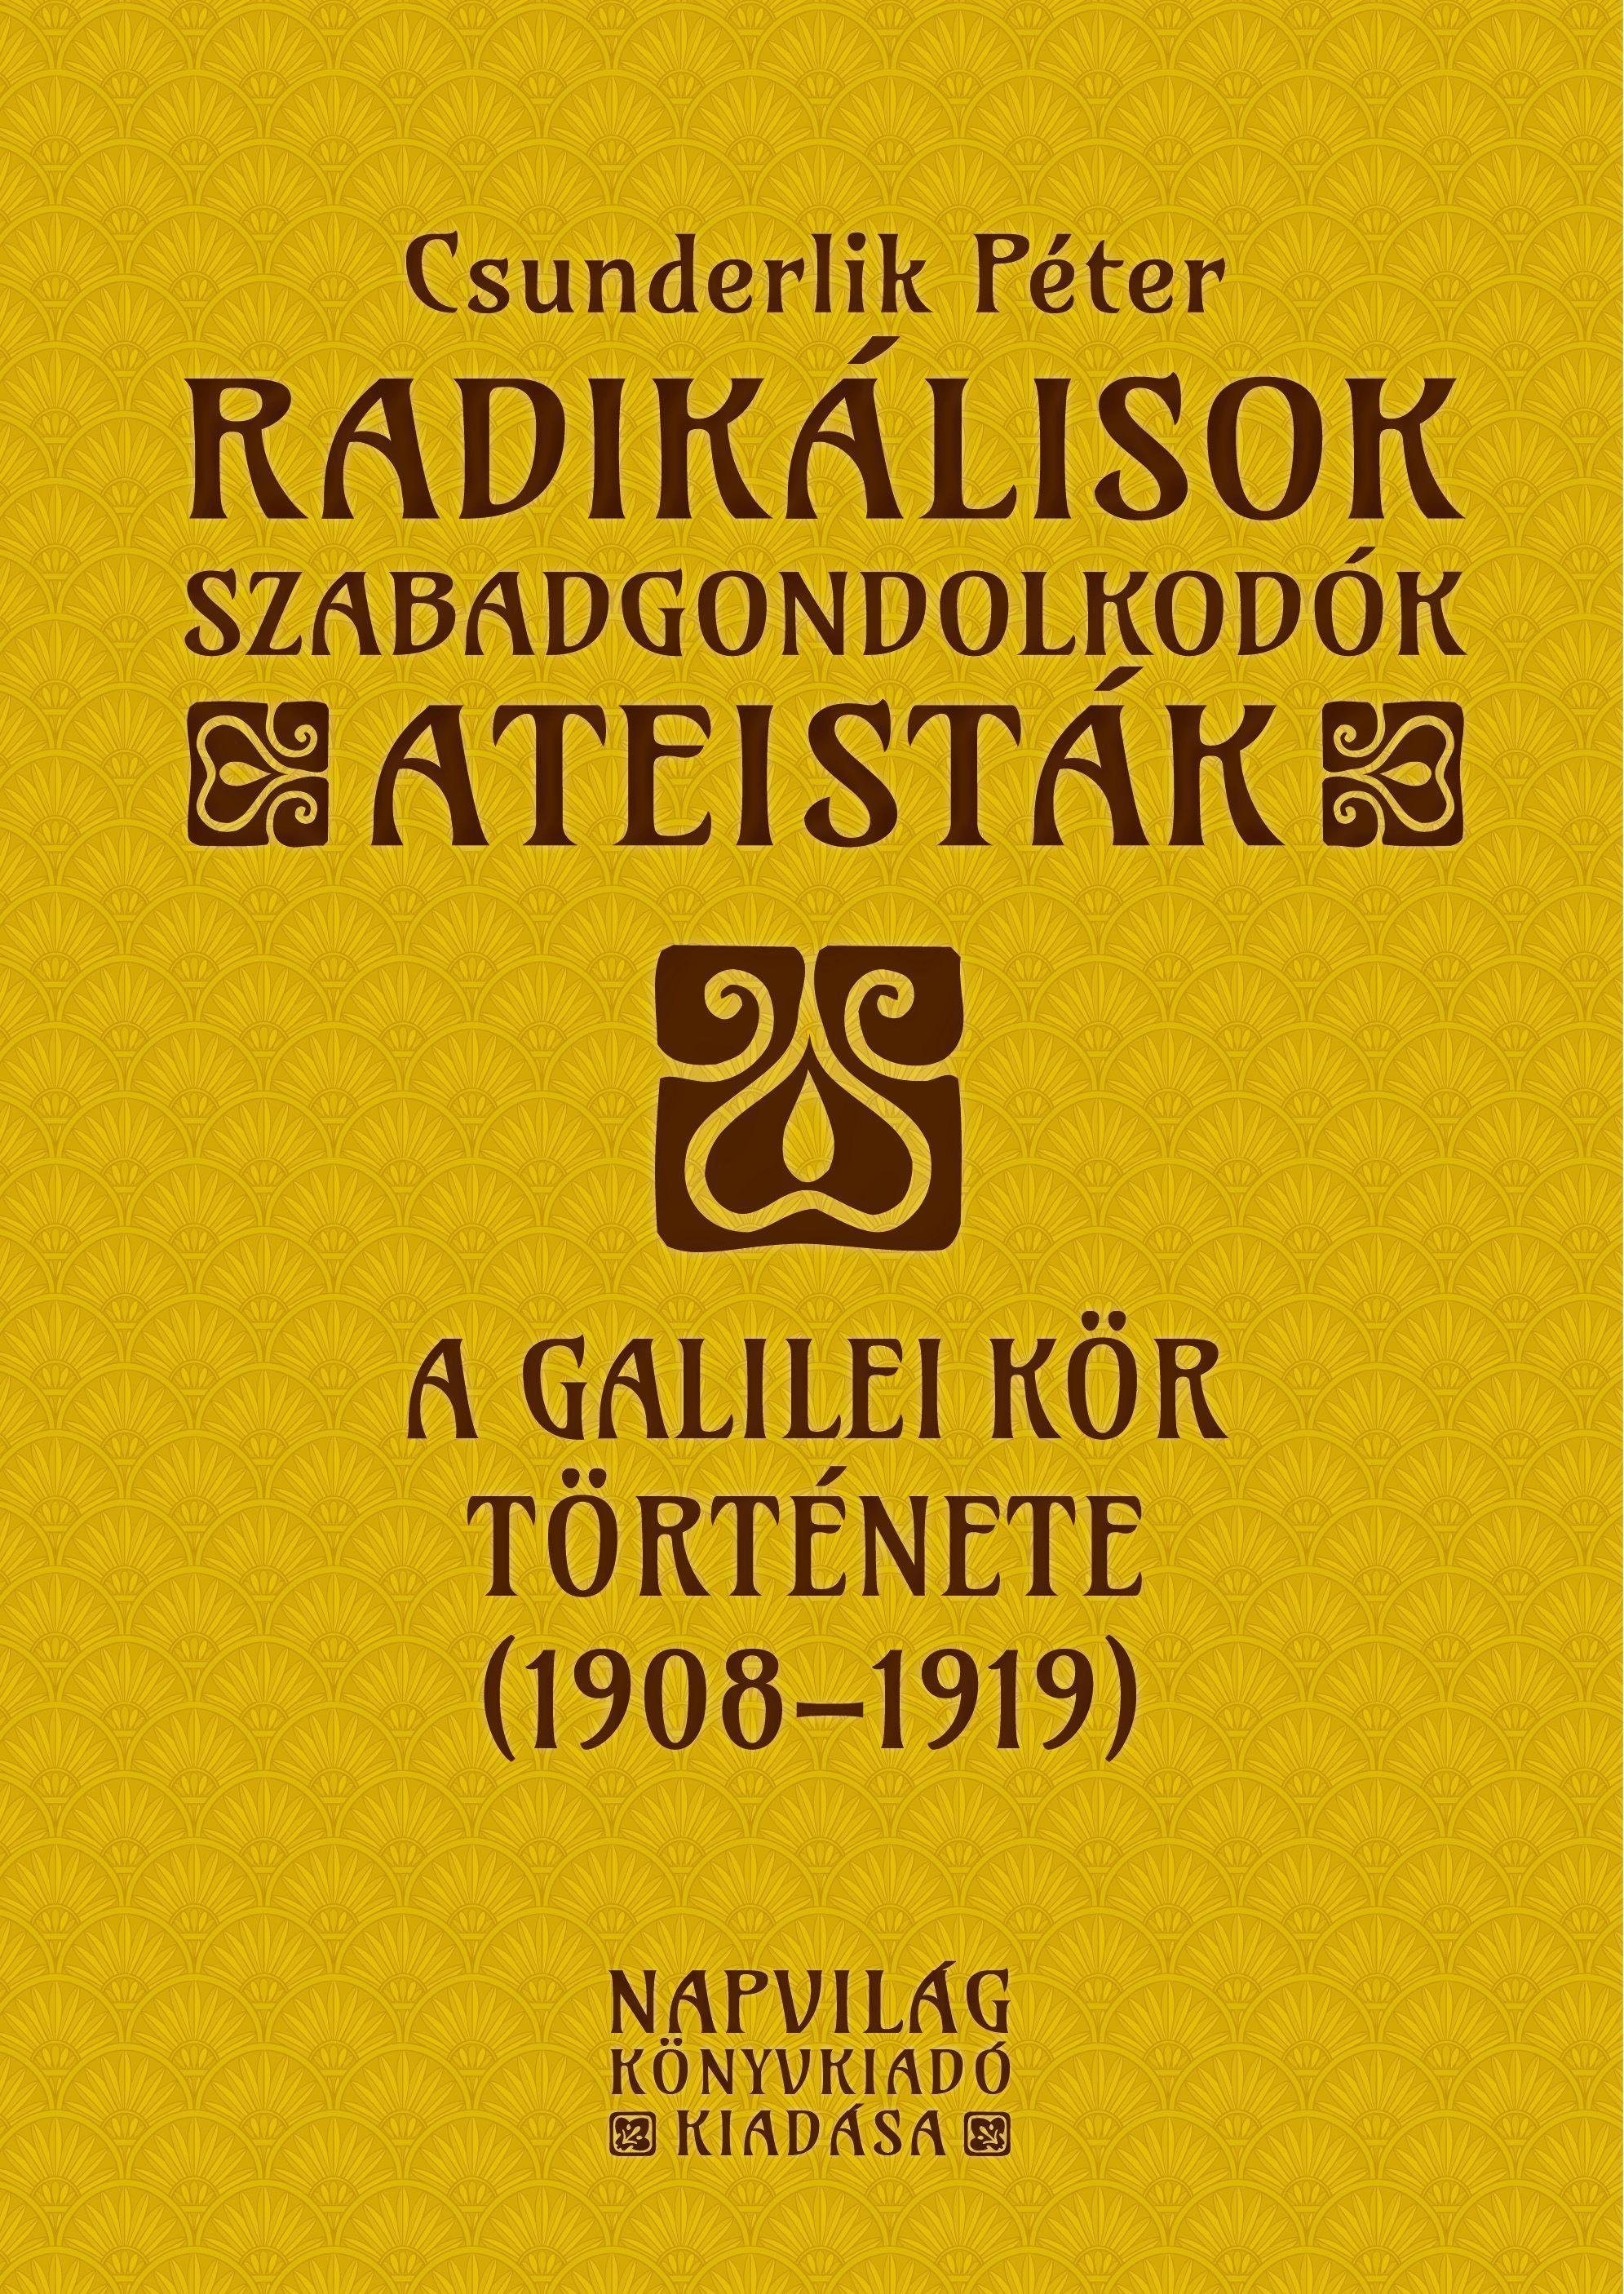 RADIKÁLISOK, SZABADGONDOLKODÓK, ATEISTÁK - A GALILEI KÖR TÖRTÉNETE (1908-1919)